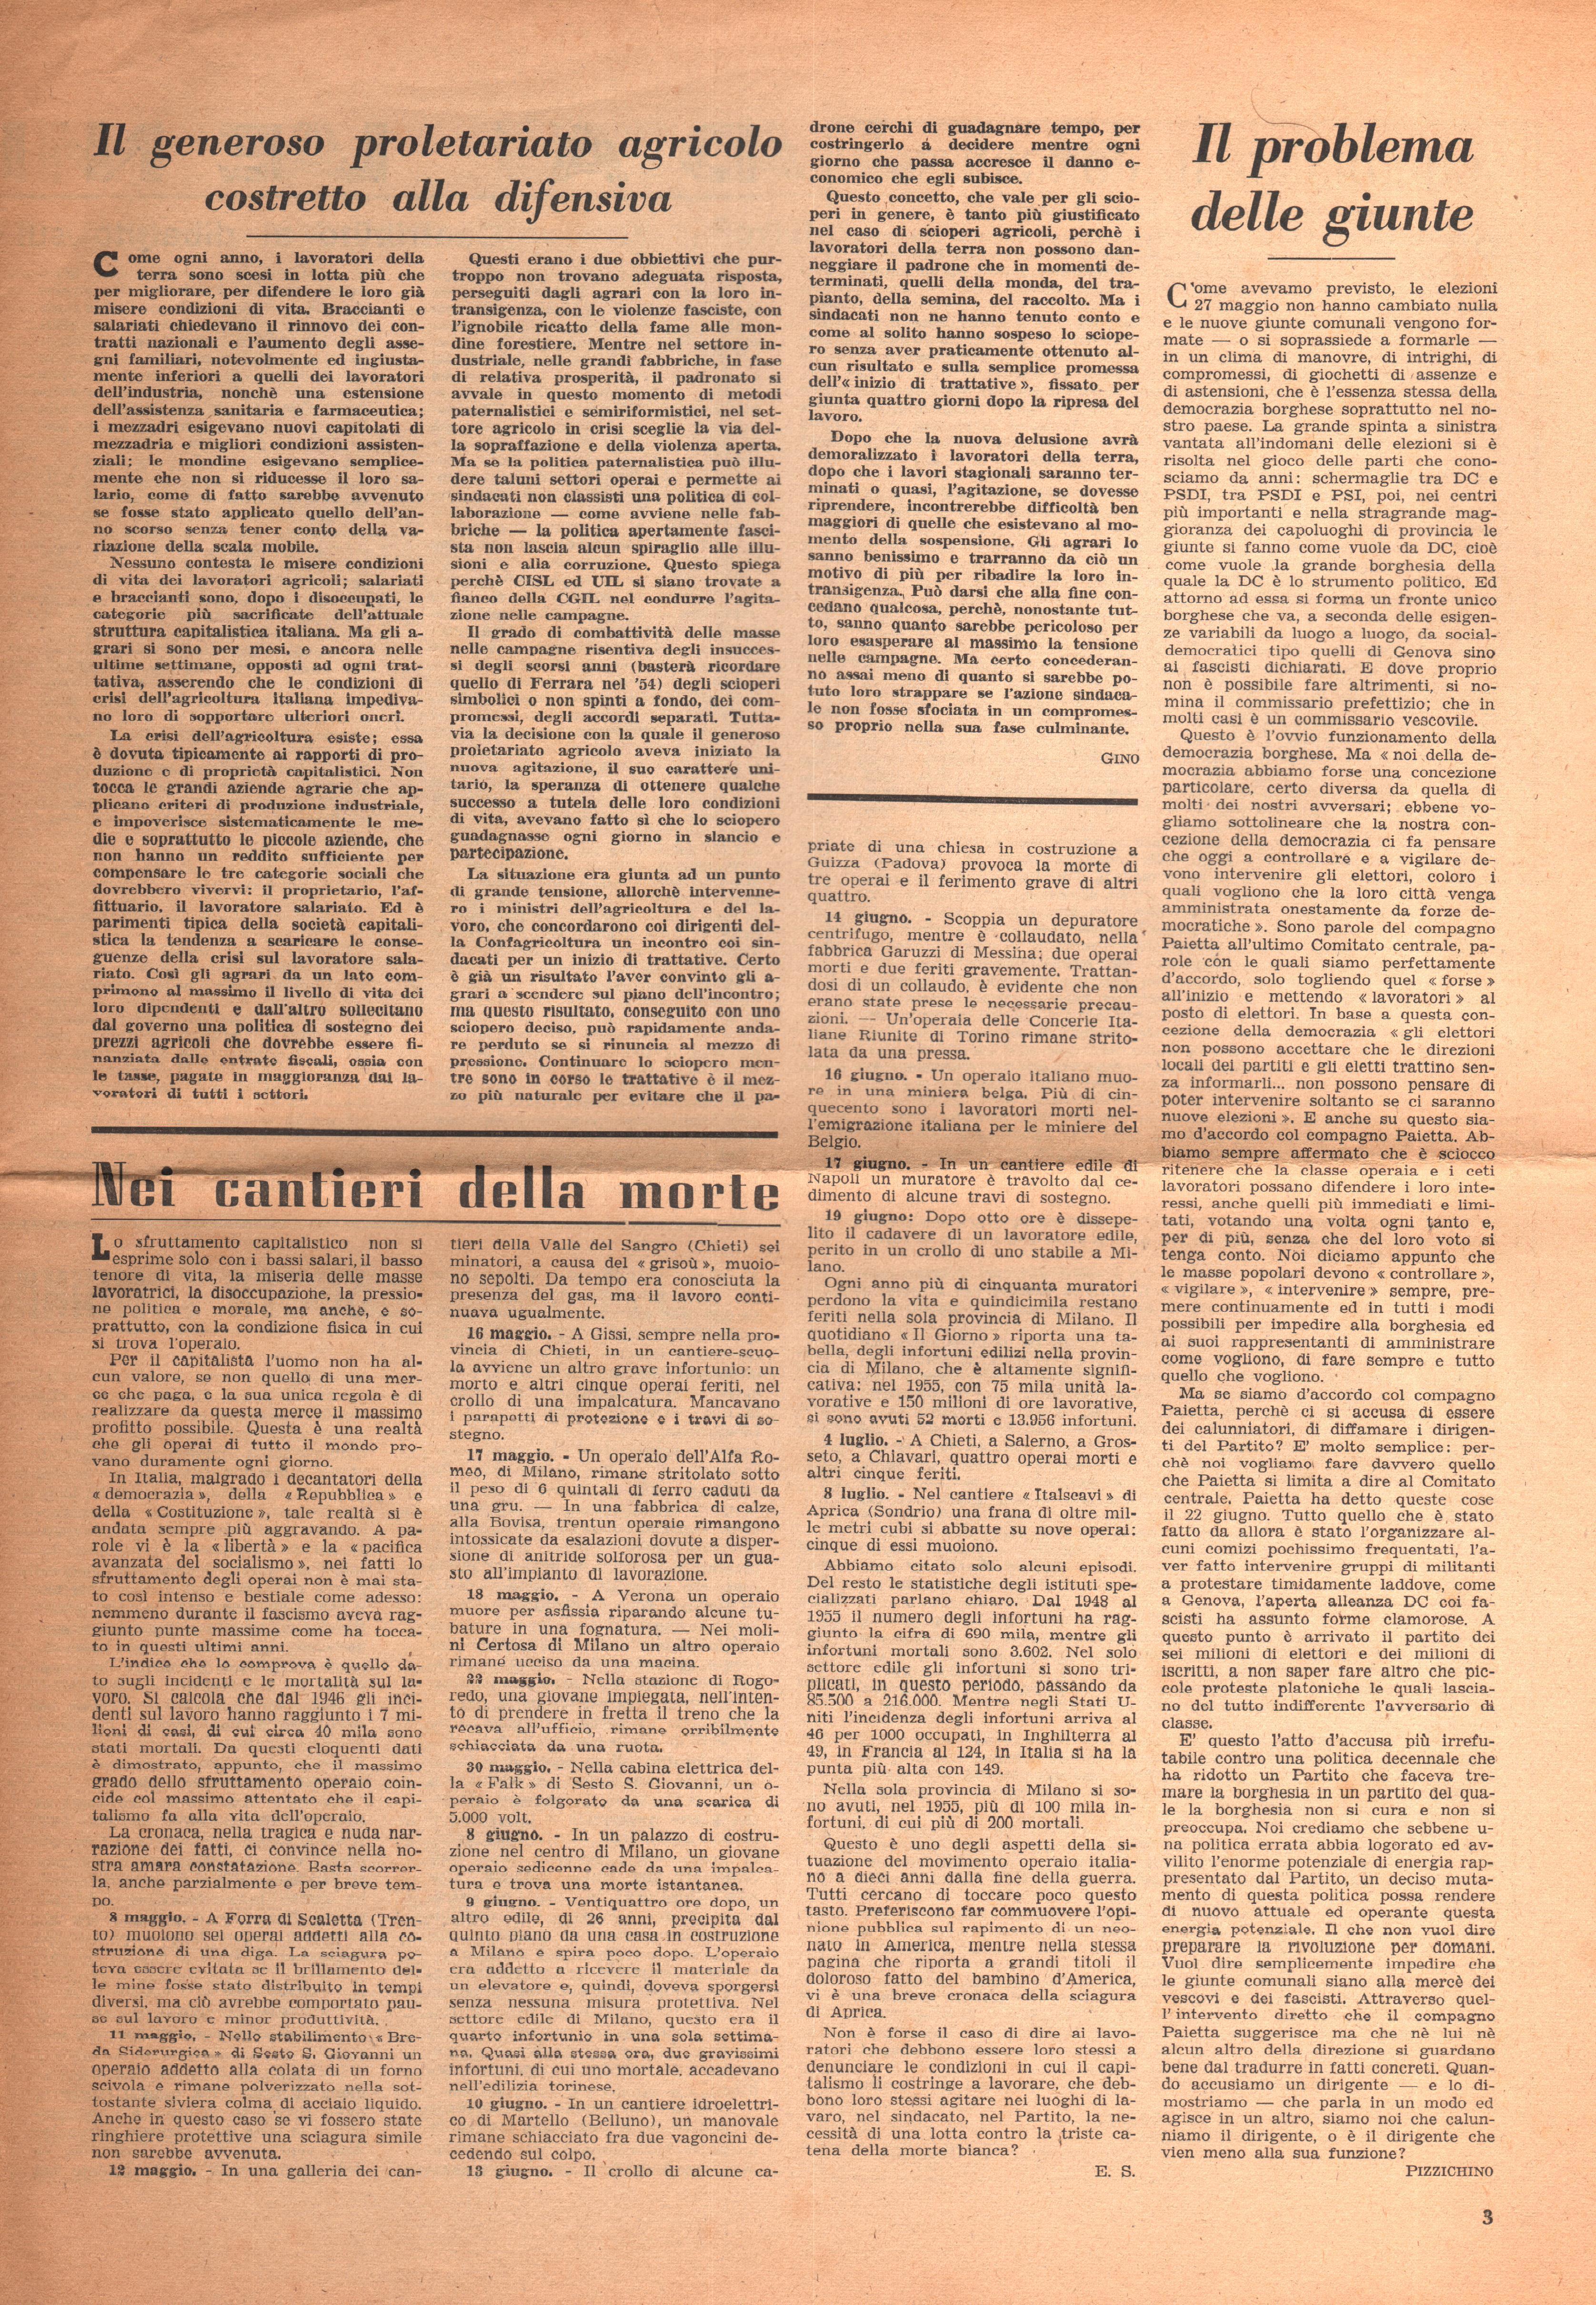 Per una Azione Comunista n. 2 - pag. 3